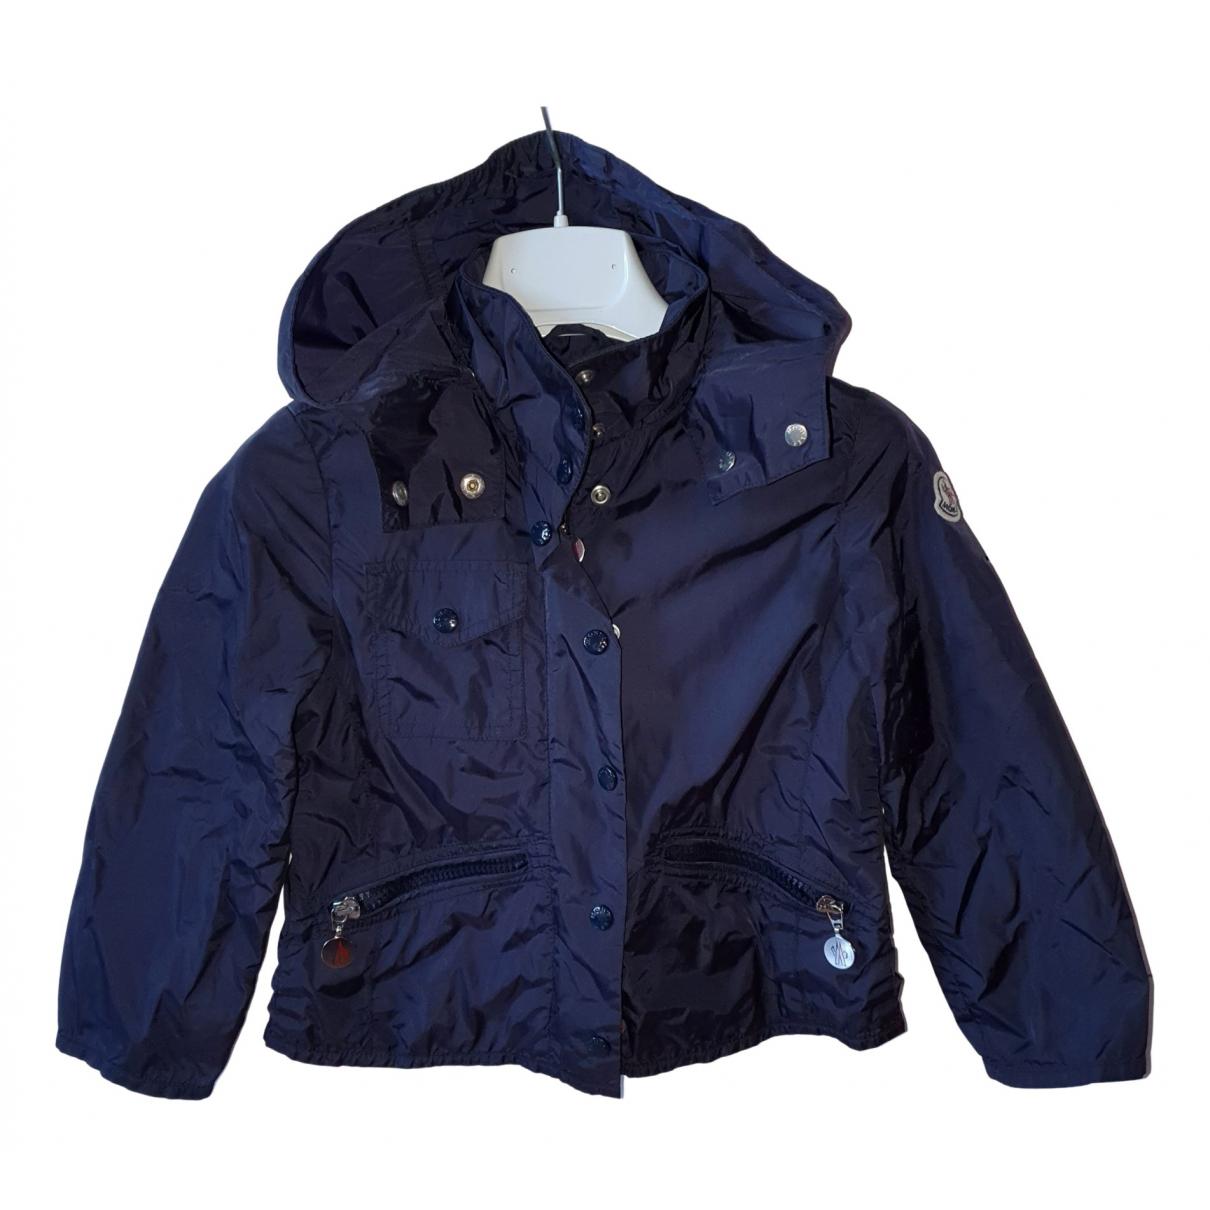 Moncler - Blousons.Manteaux   pour enfant - bleu